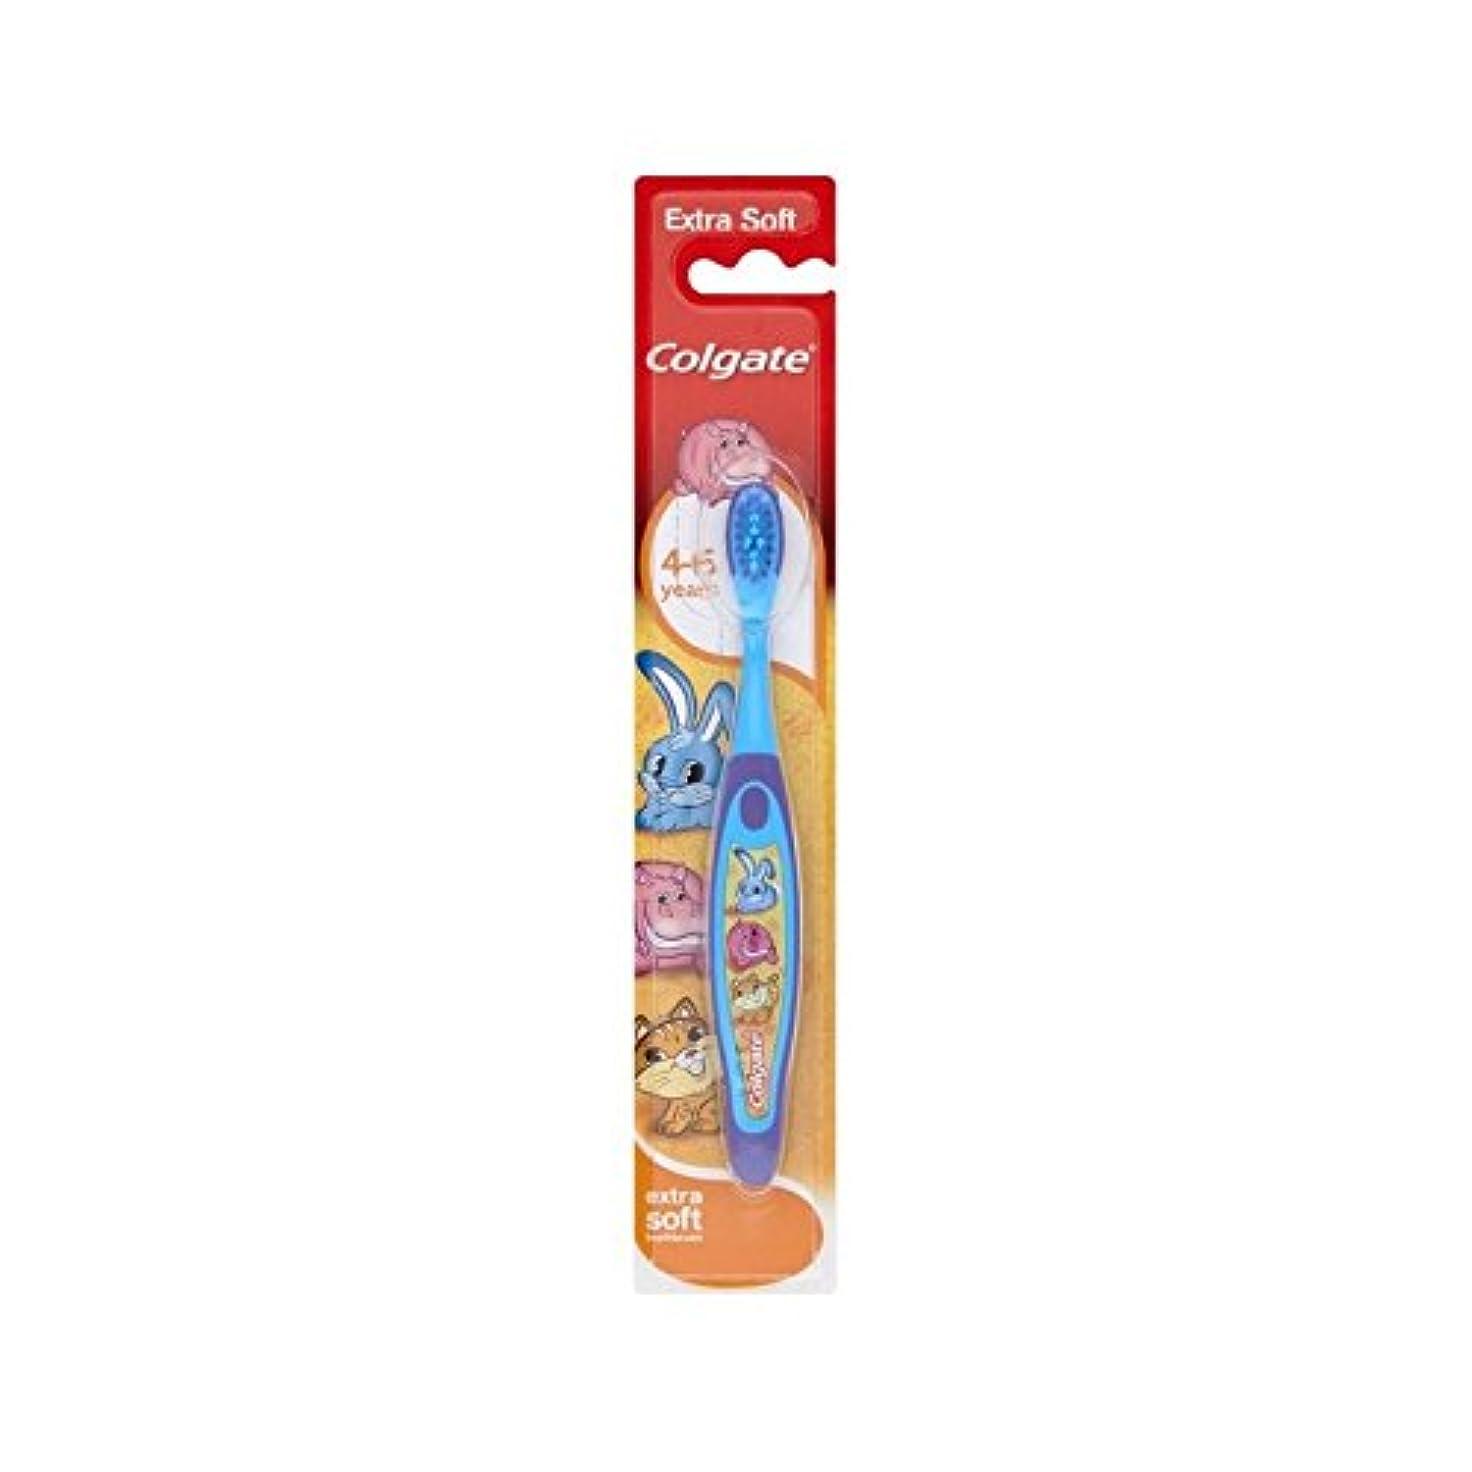 4-6歳の歯ブラシを笑顔 (Colgate) (x 2) - Colgate Smiles 4-6 Years Old Toothbrush (Pack of 2) [並行輸入品]